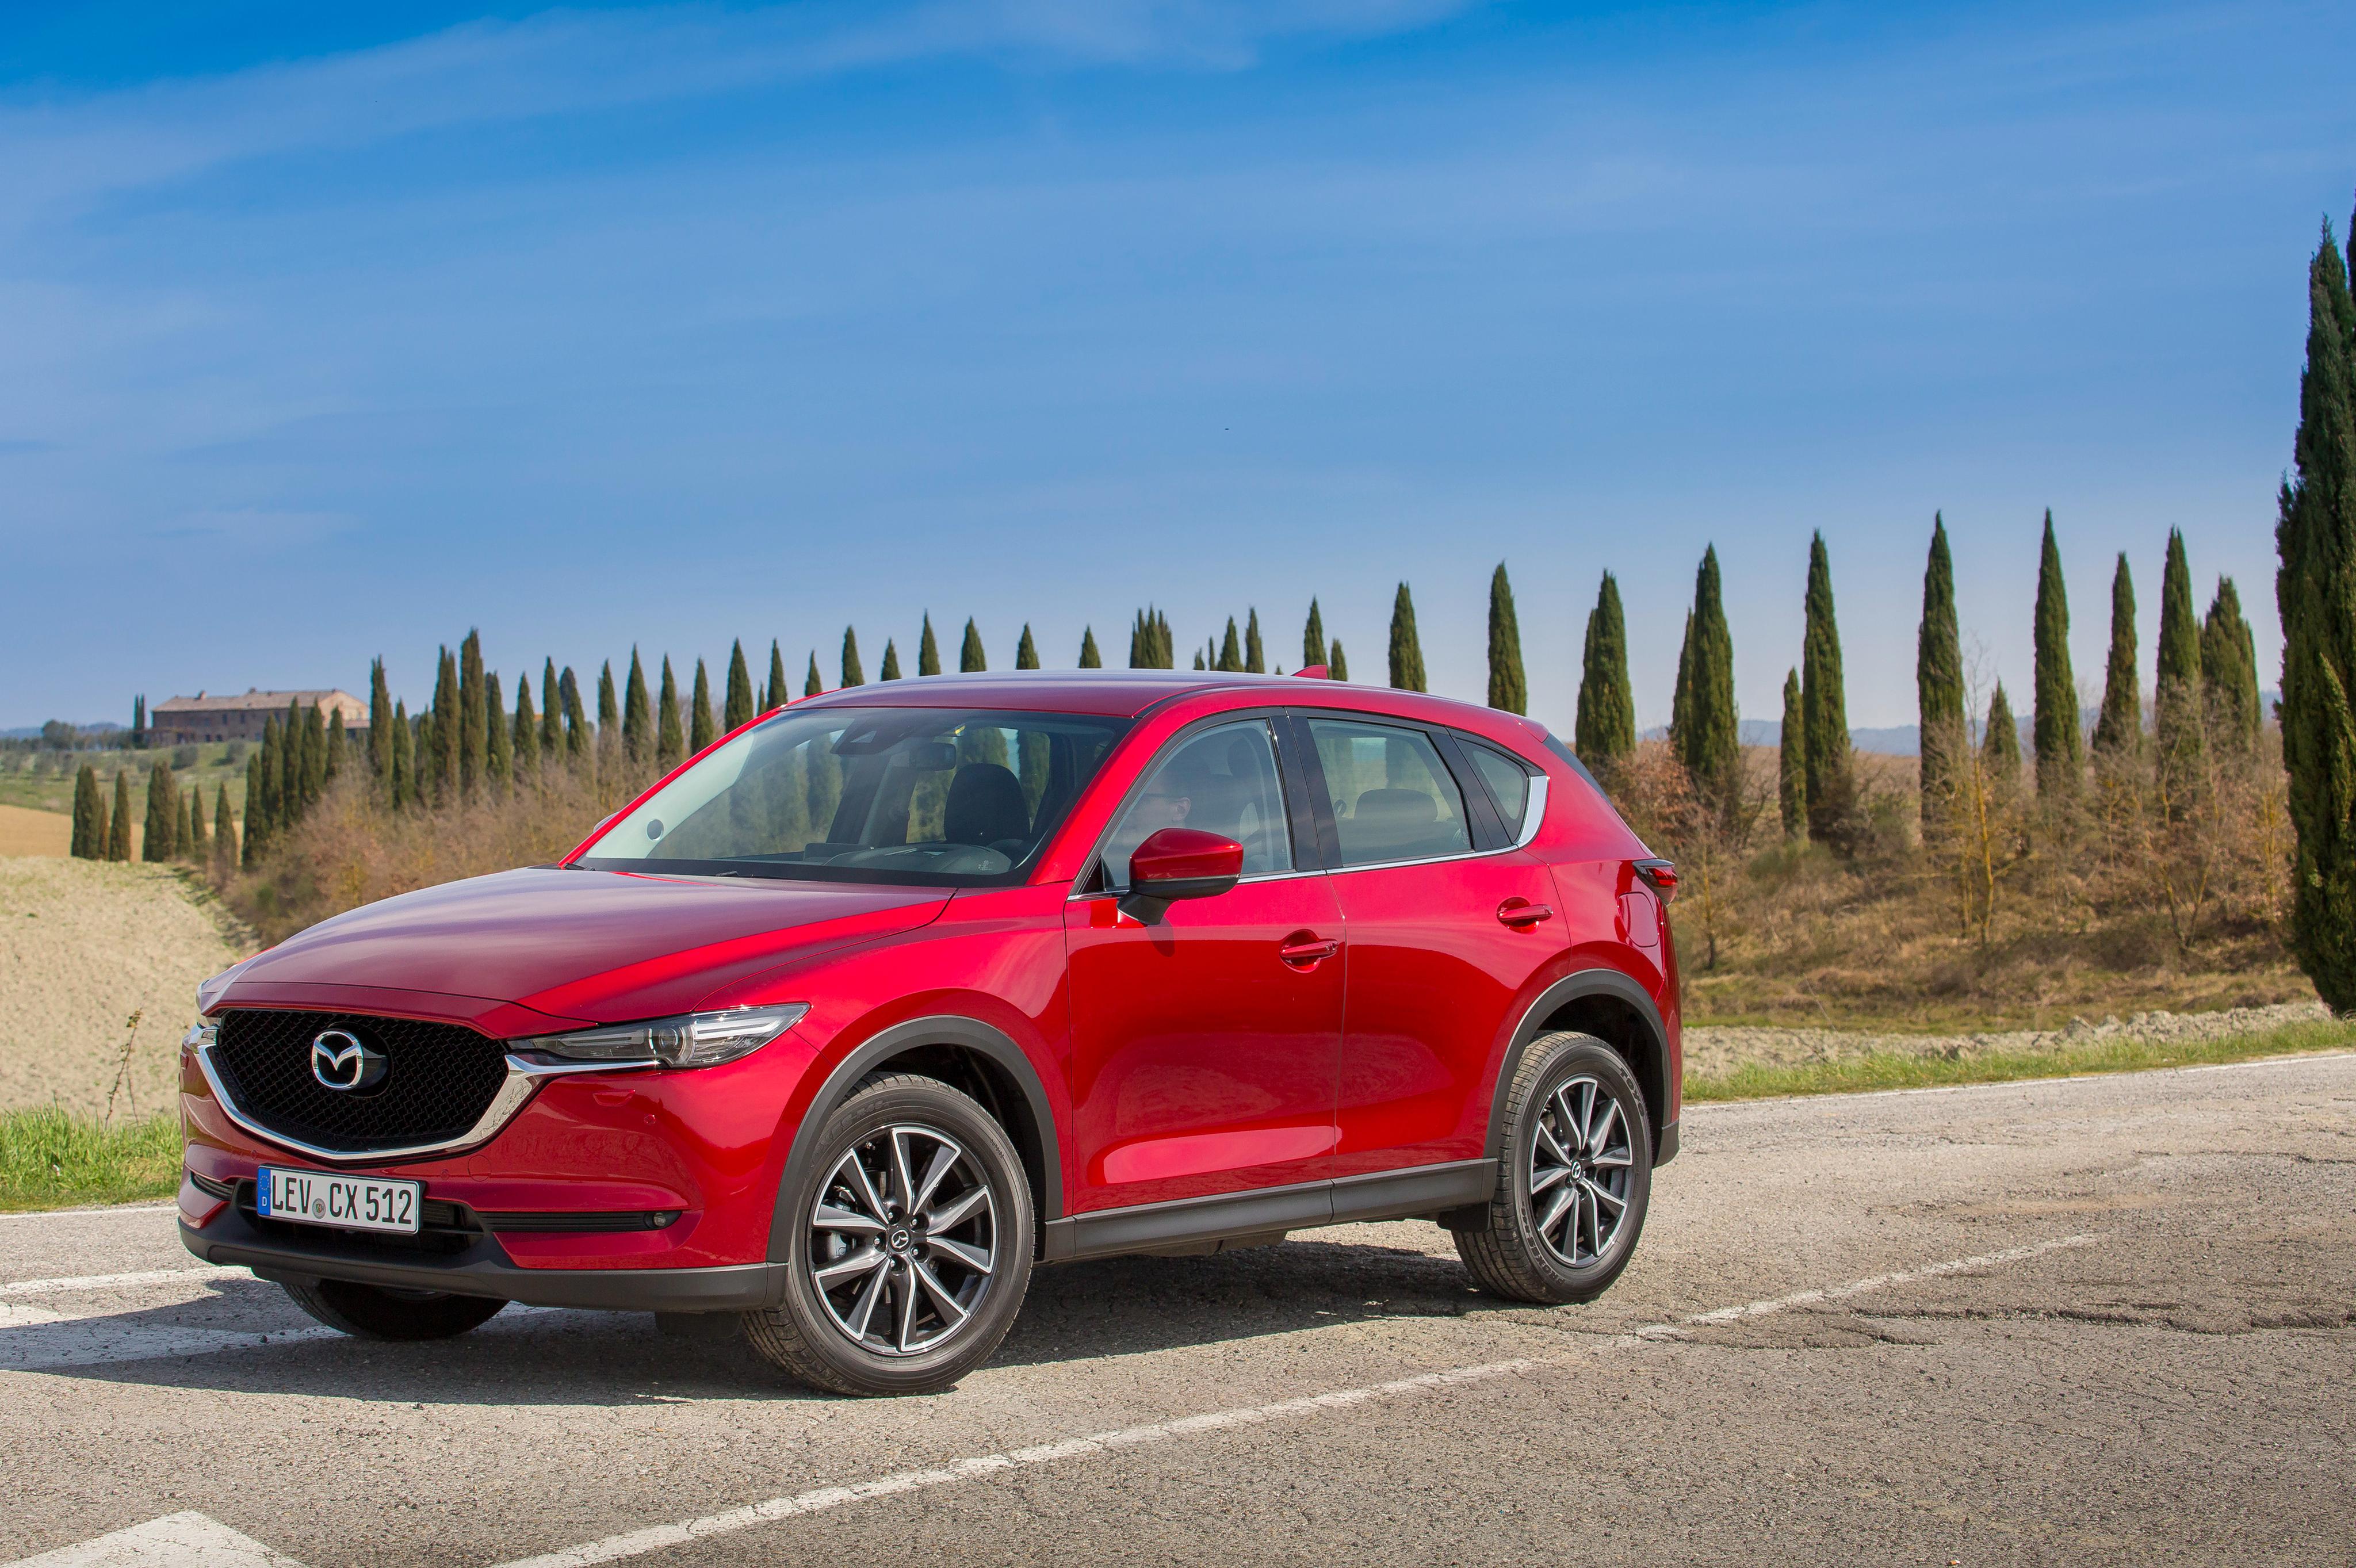 Vânzările Mazda în România au continuat să crească și în 2019, pentru al șaptelea an consecutiv